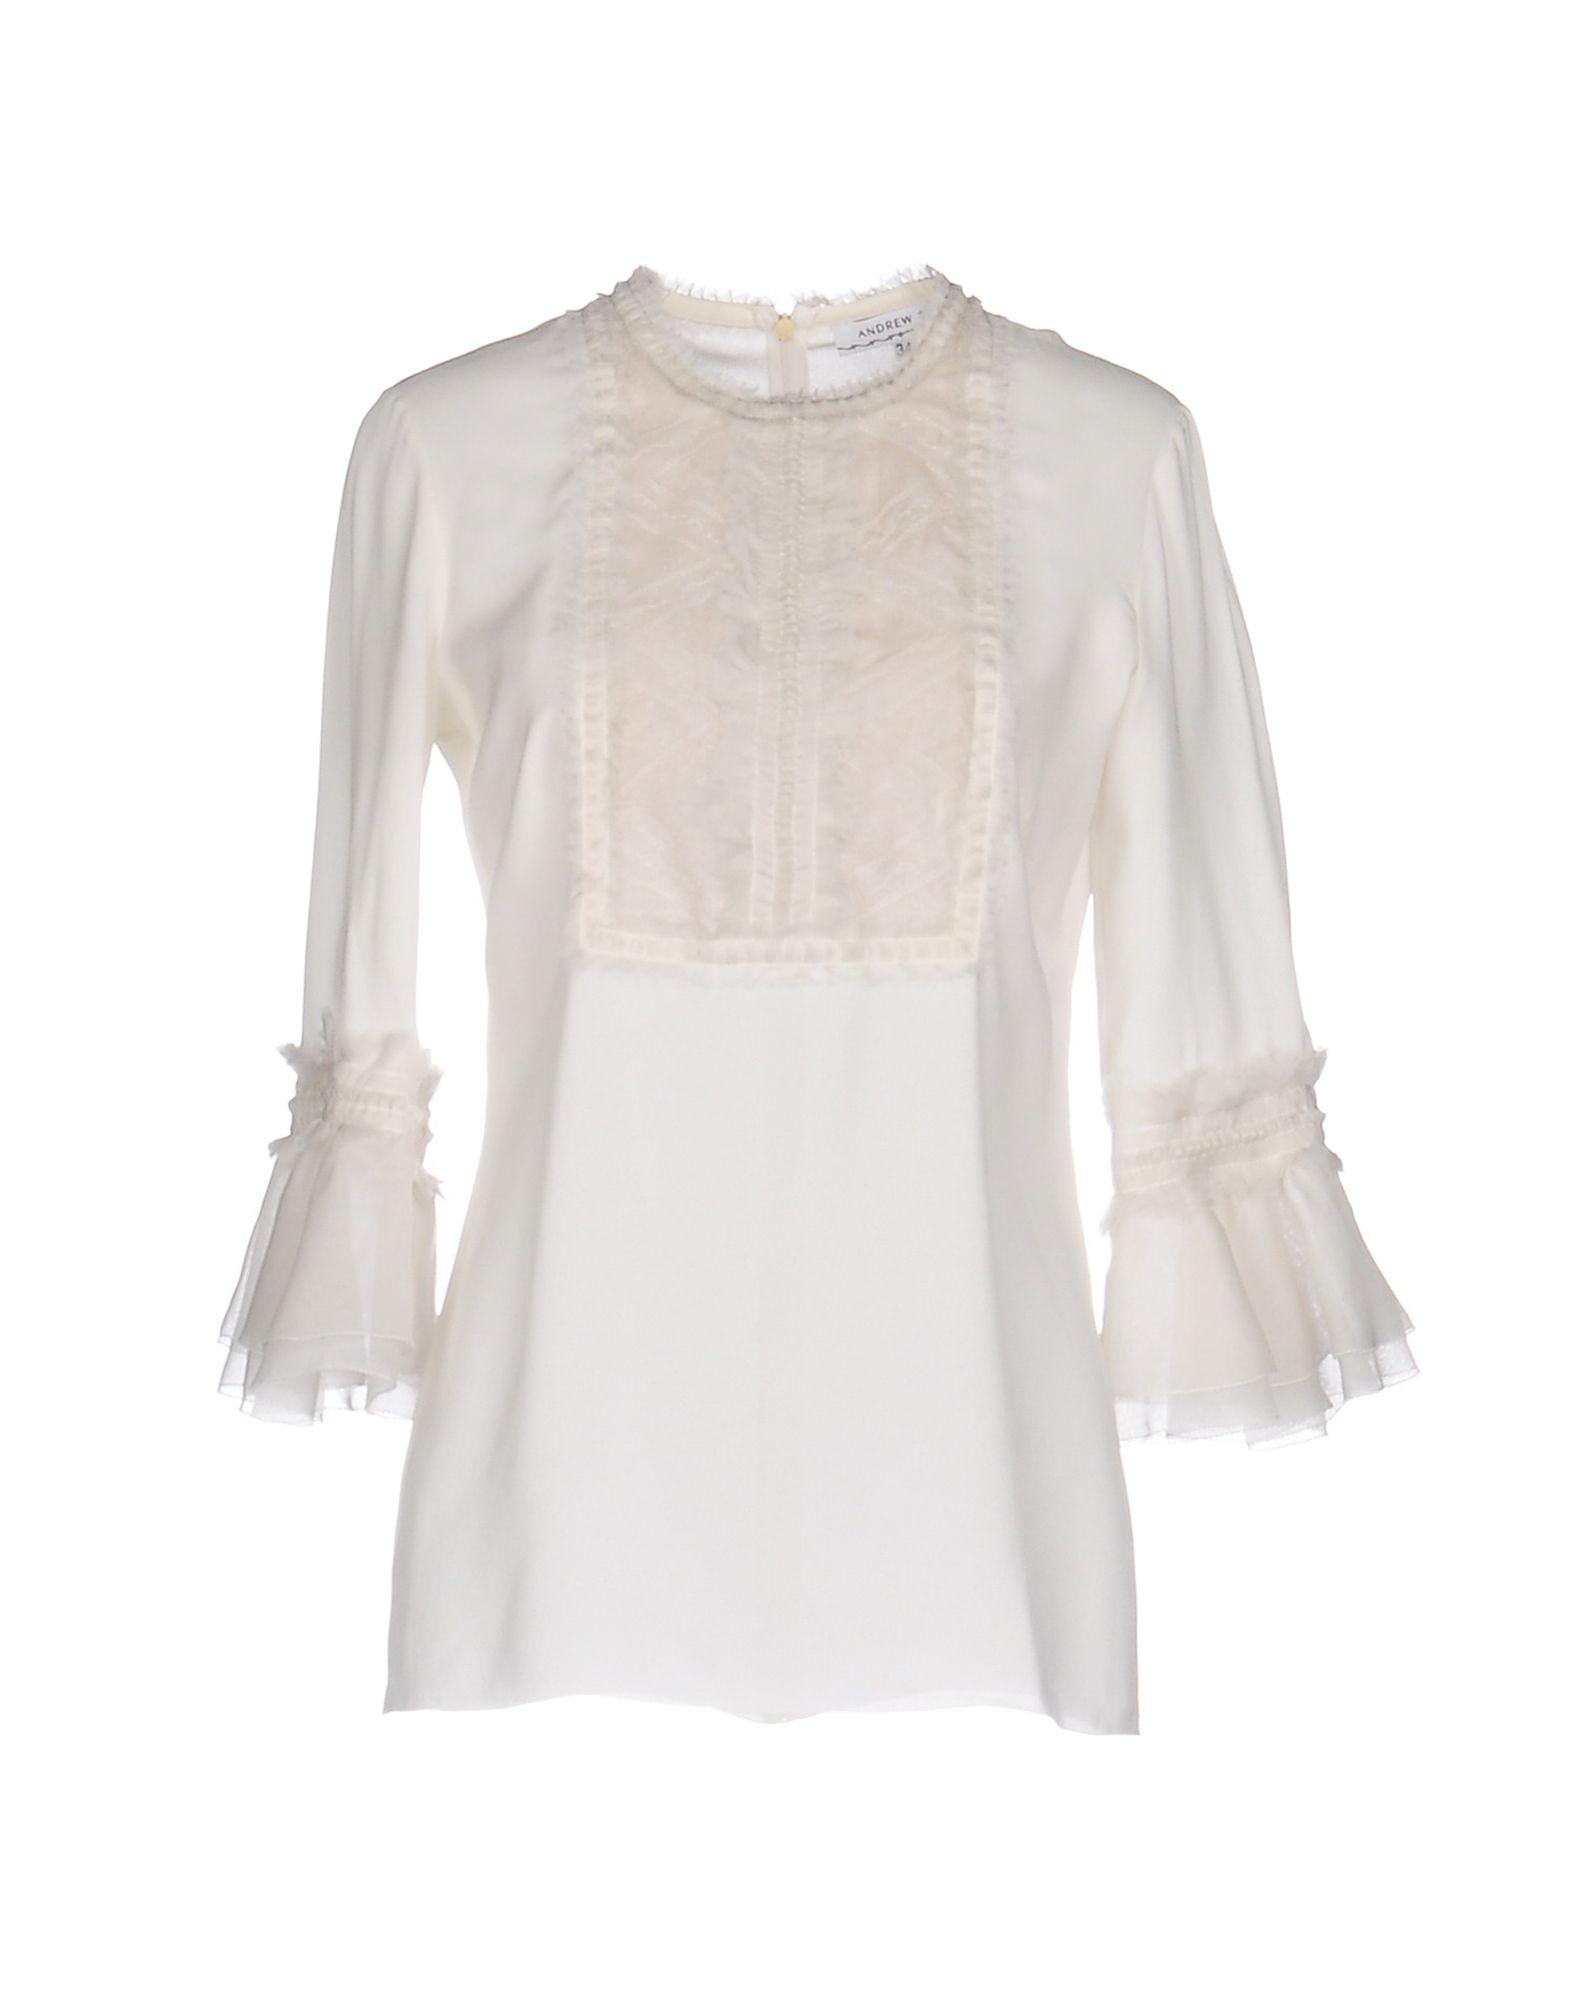 где купить ANDREW GN Блузка по лучшей цене